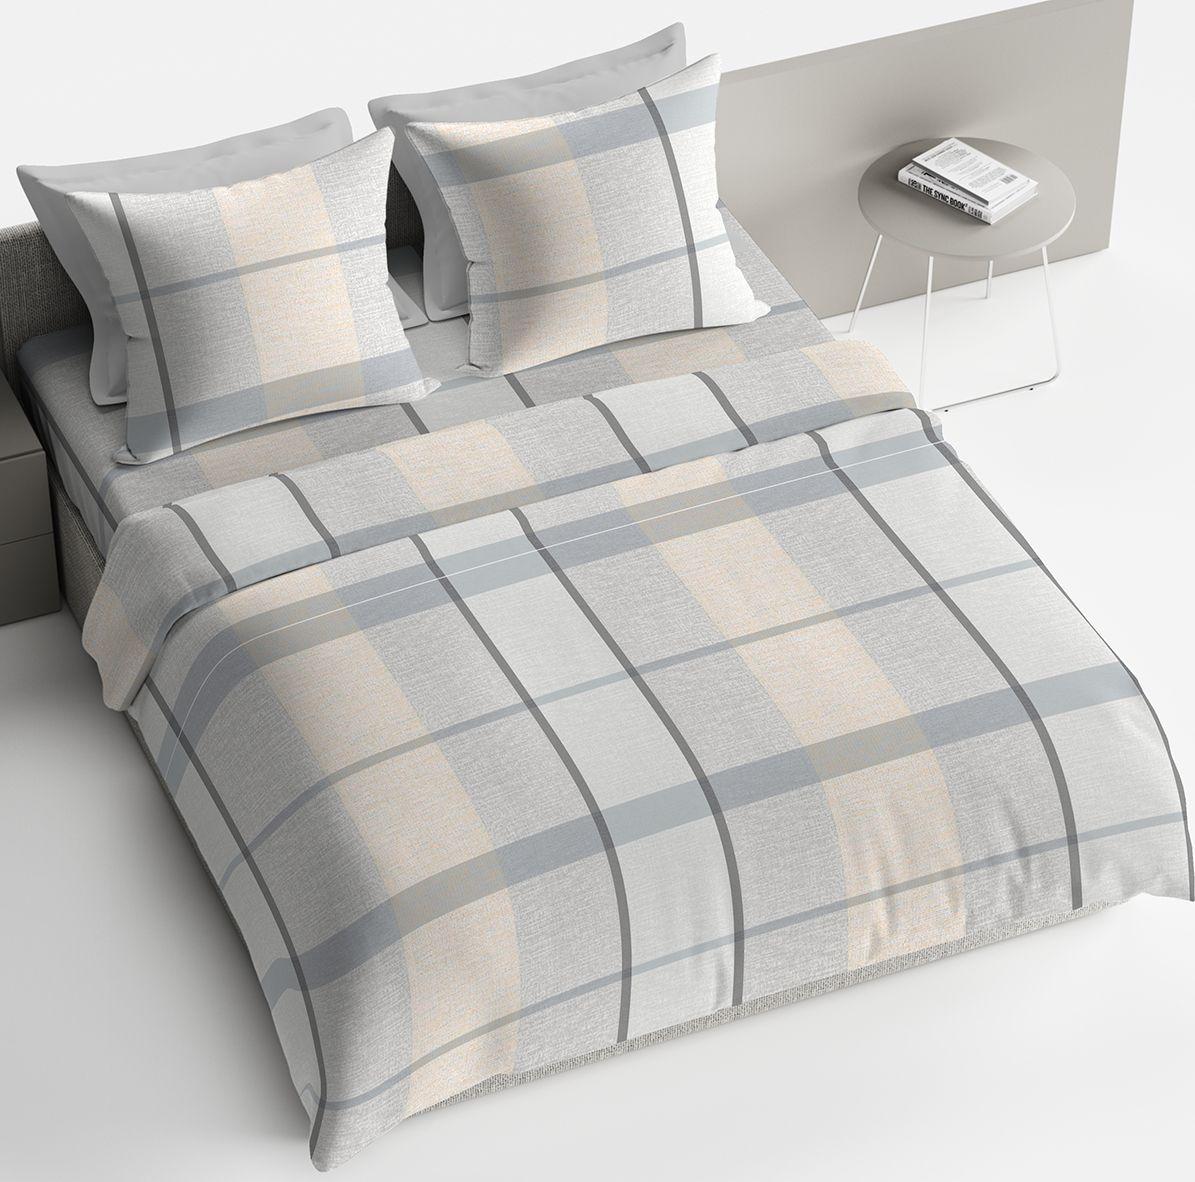 Комплект белья Браво Ноа, 1,5 спальное, наволочки 70x70, цвет: серый. 4097-189768